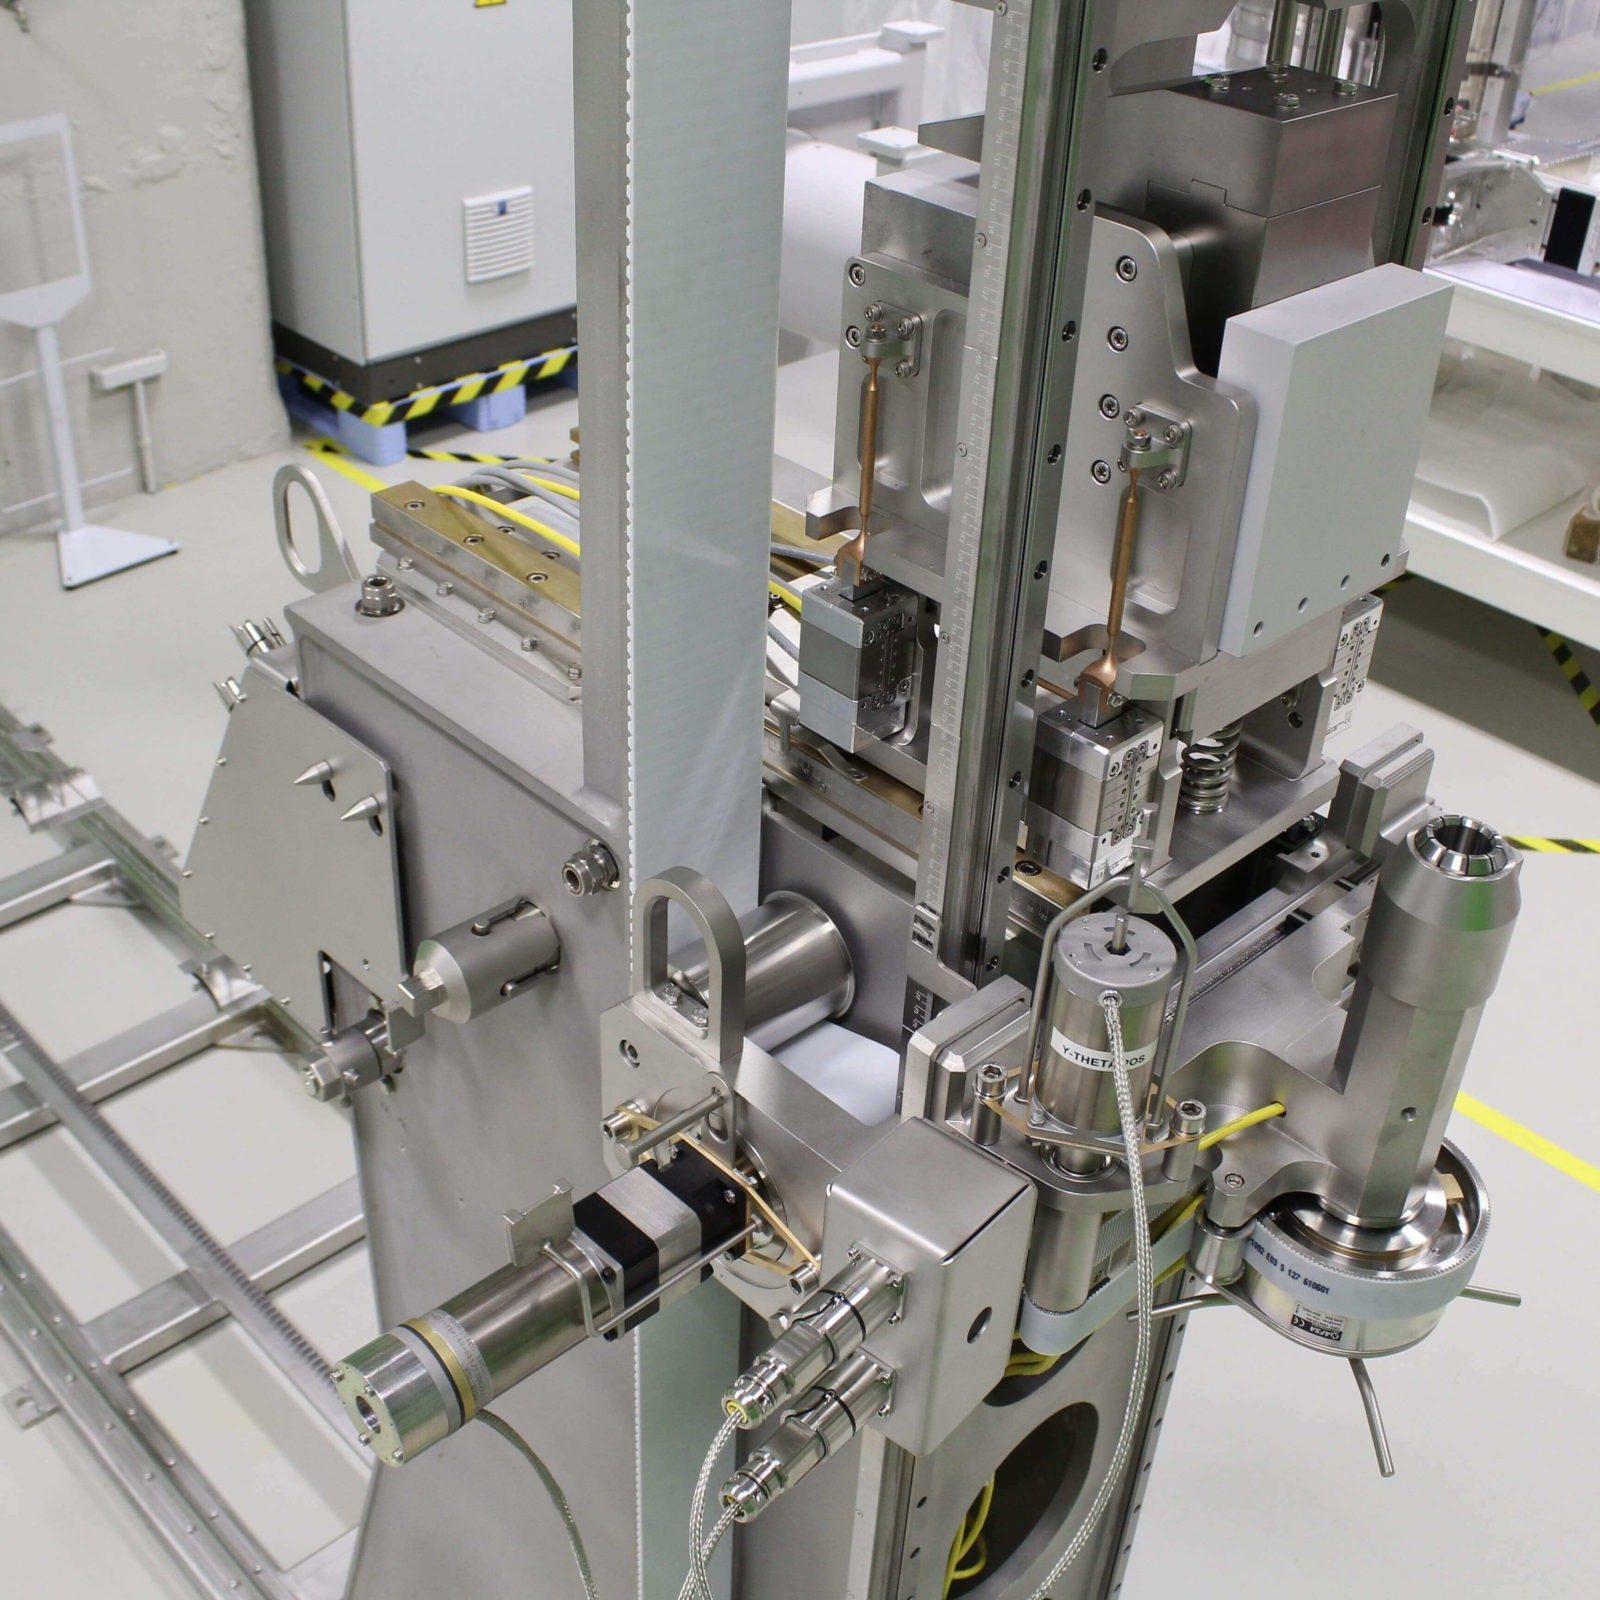 JHR_reactor_Hot_Cells_VTT-Cadarache_France_IDOM_ADA (2)